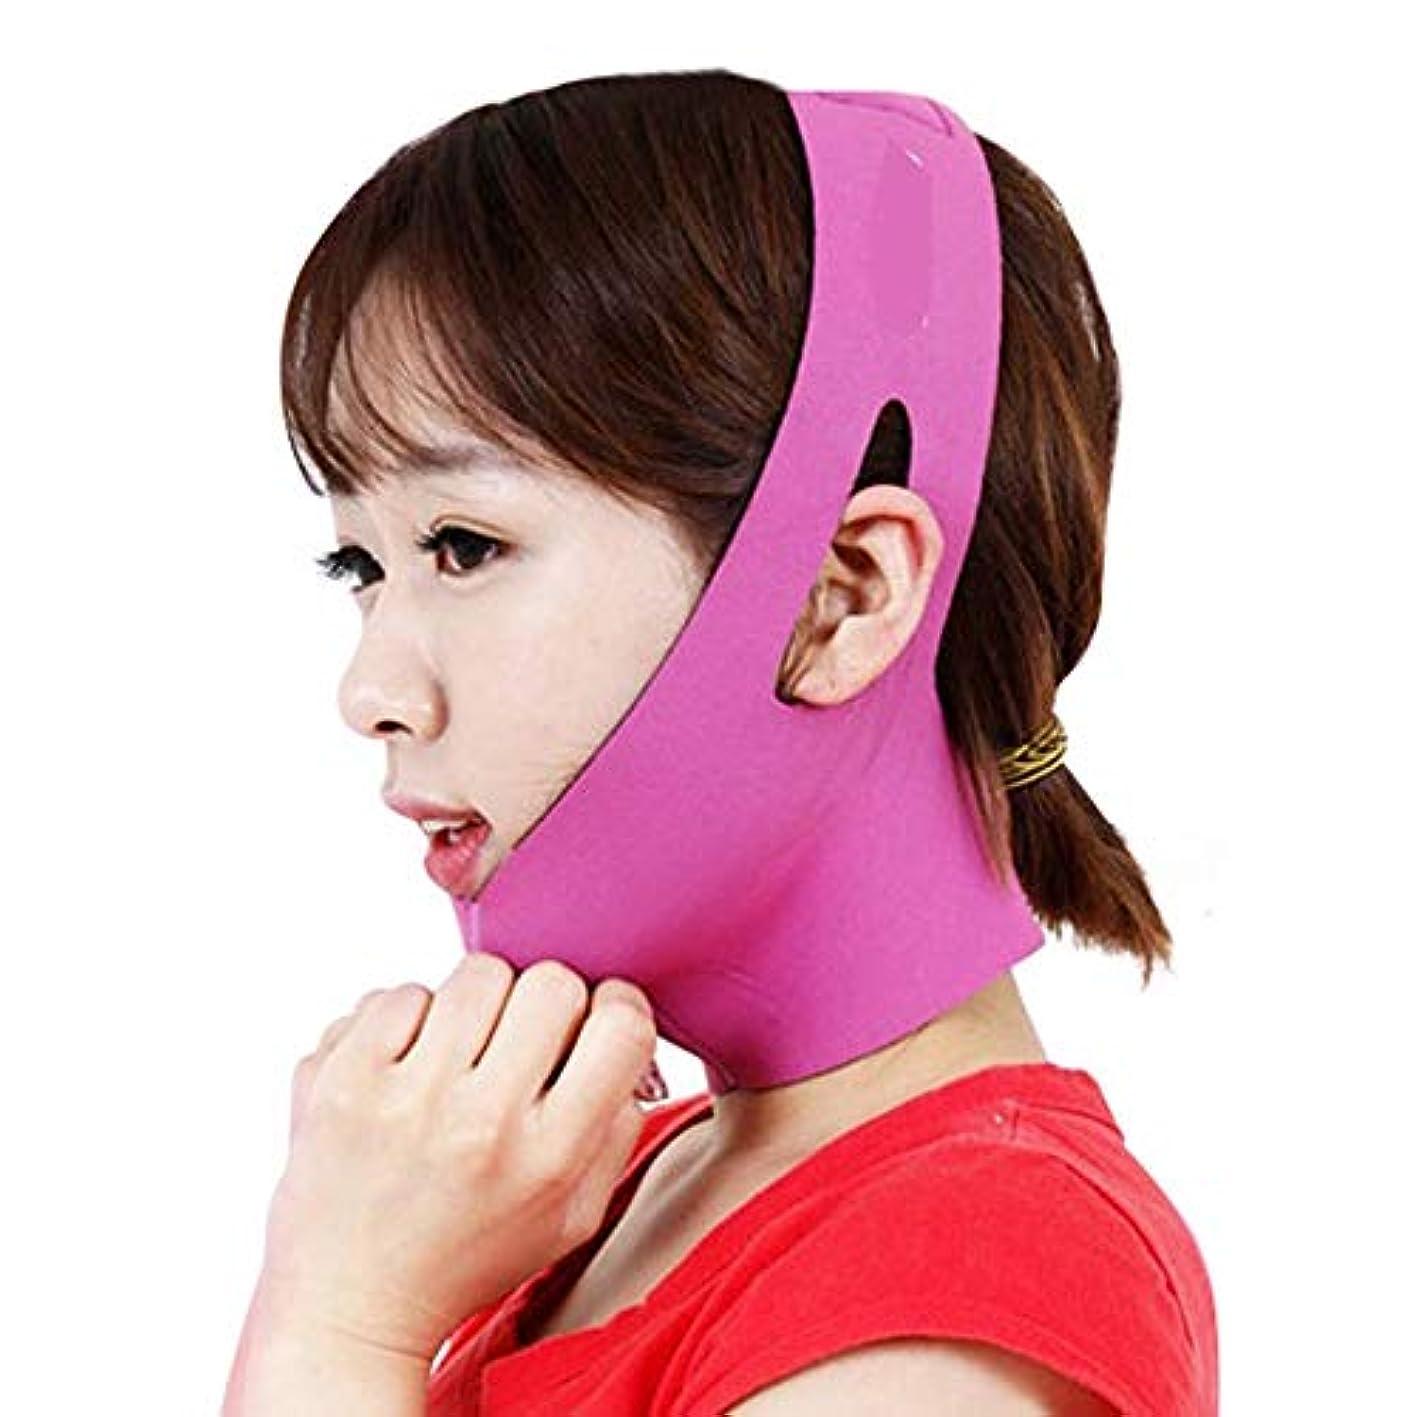 急いで番目可動Jia Jia- フェイシャルリフティング痩身ベルト圧縮二重あご減量ベルトスキンケア薄い顔包帯二重あごワークアウト 顔面包帯 (色 : ピンク)